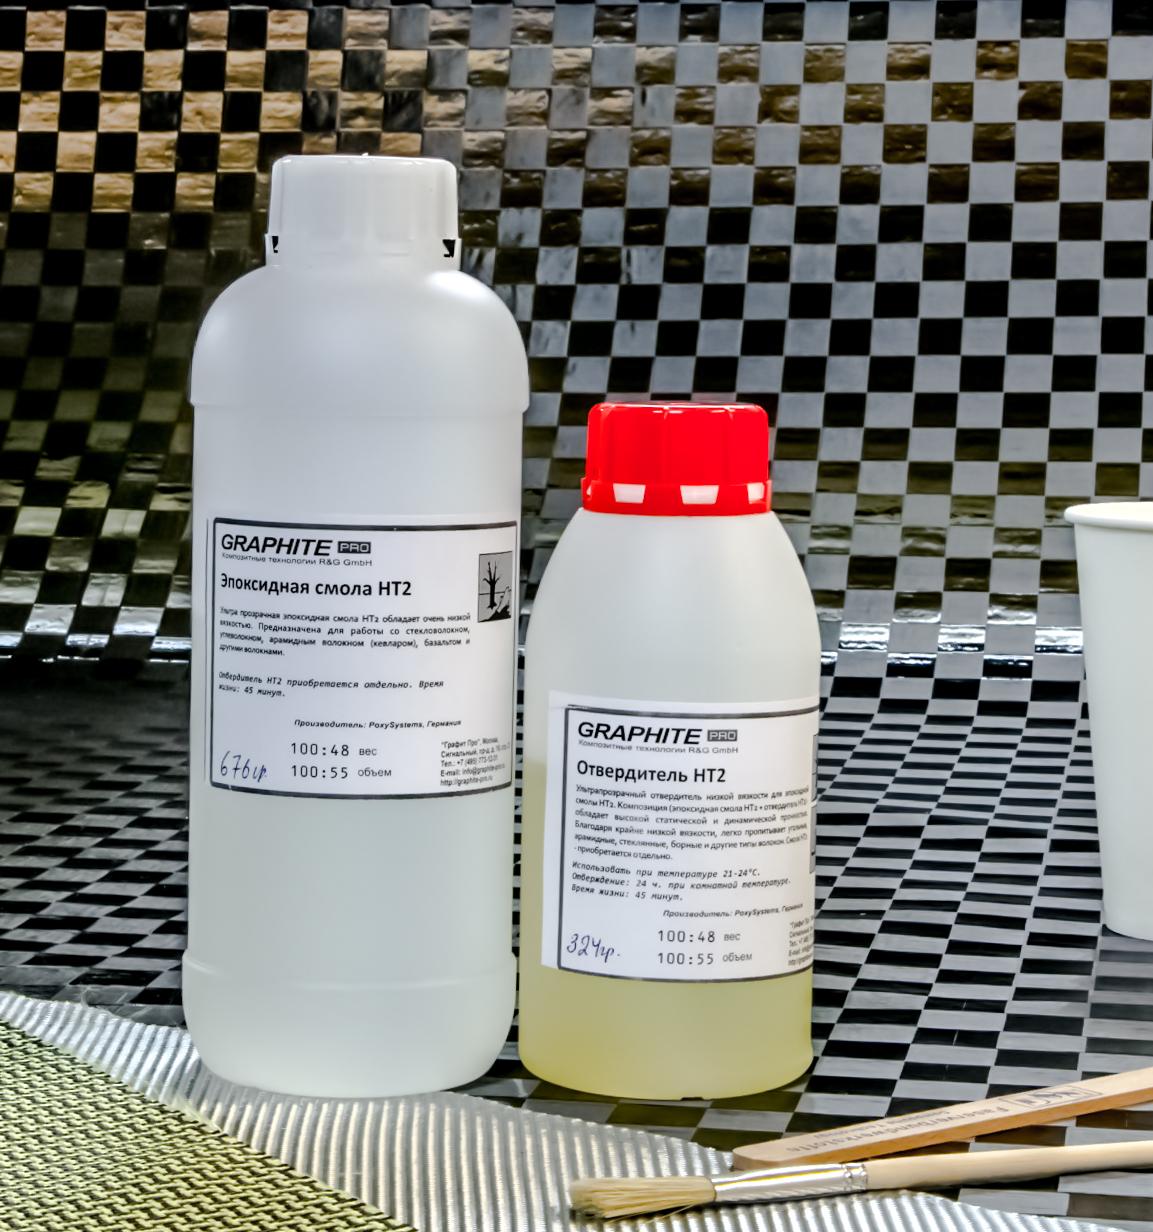 Эпоксидная смола HT2 + отвердитель HT2 (45 мин), набор.